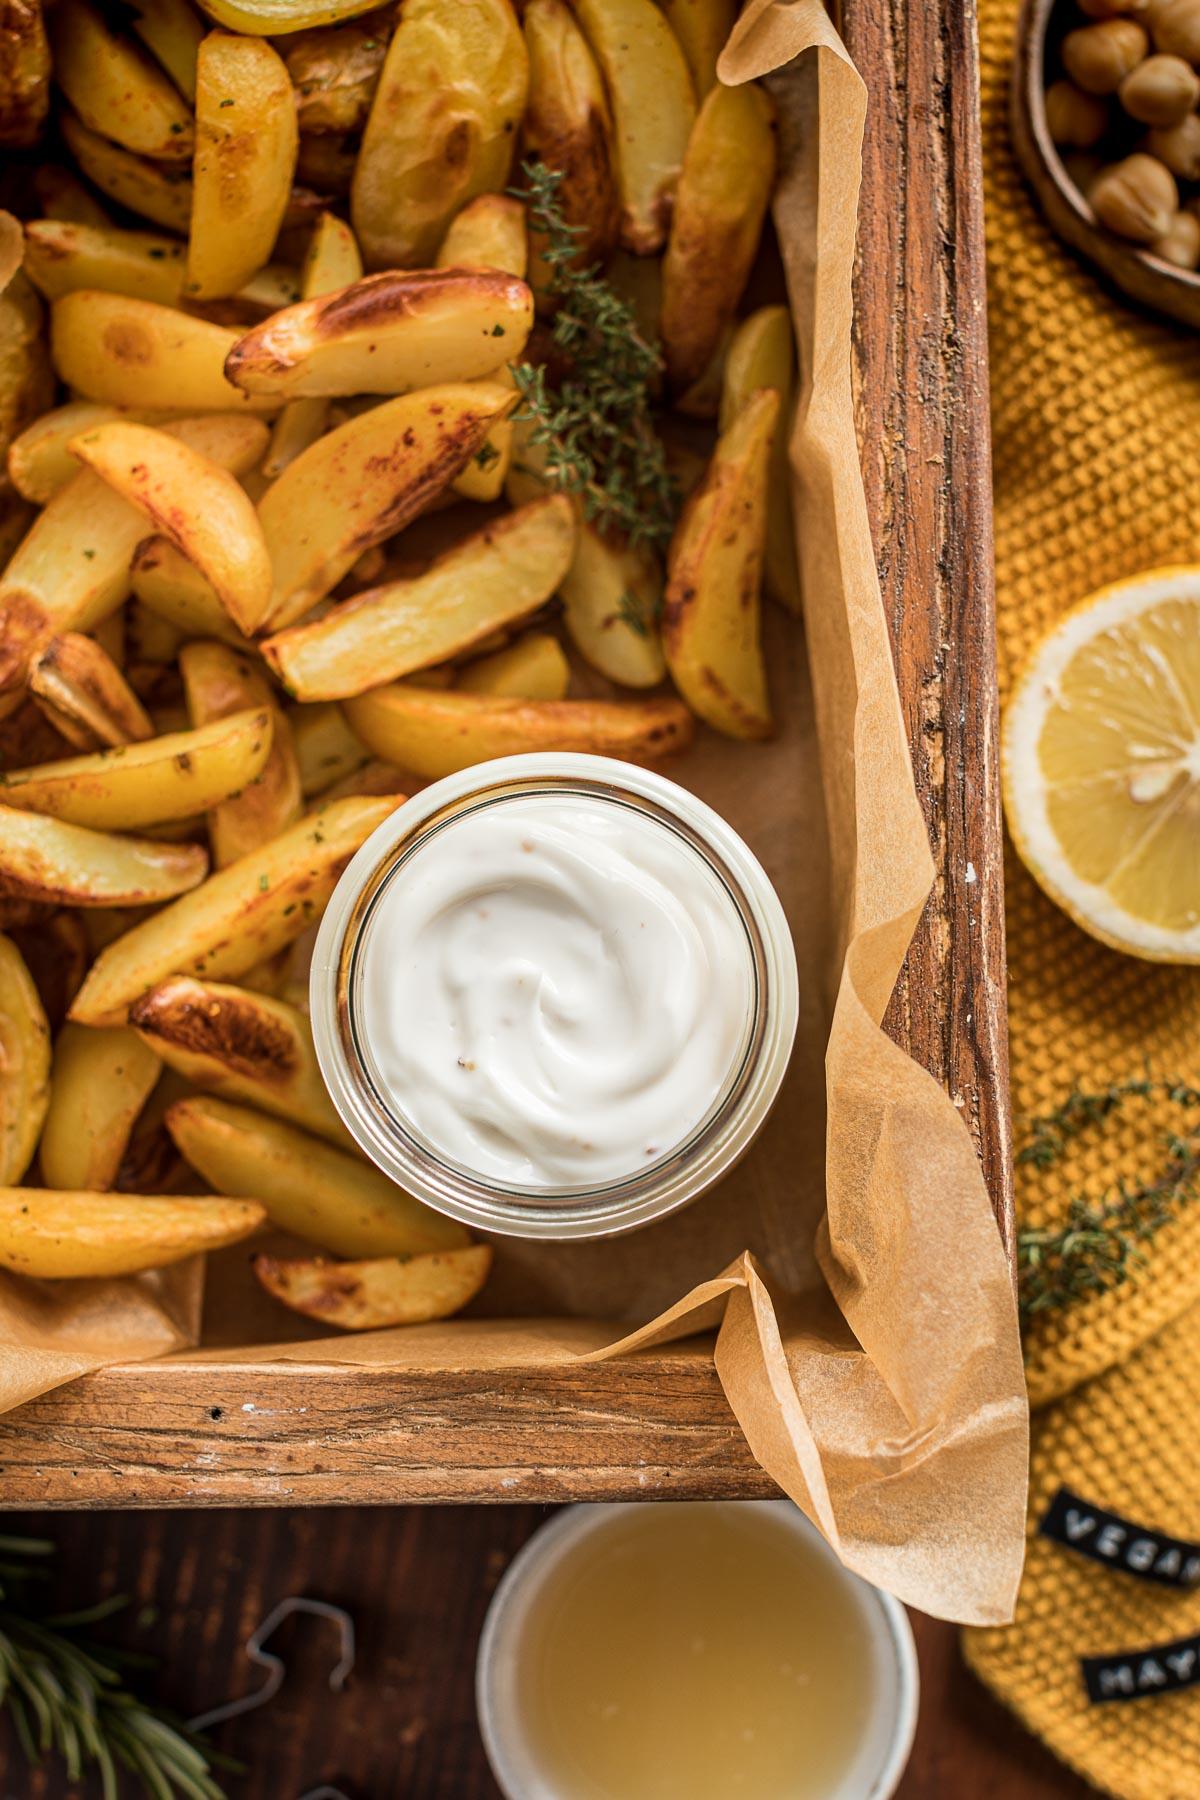 ricetta maionese vegana senza uova con aquafaba senza soia 2 minuti 2 minutes easy vegan mayonnaise recipe with aquafaba soy-free mayo